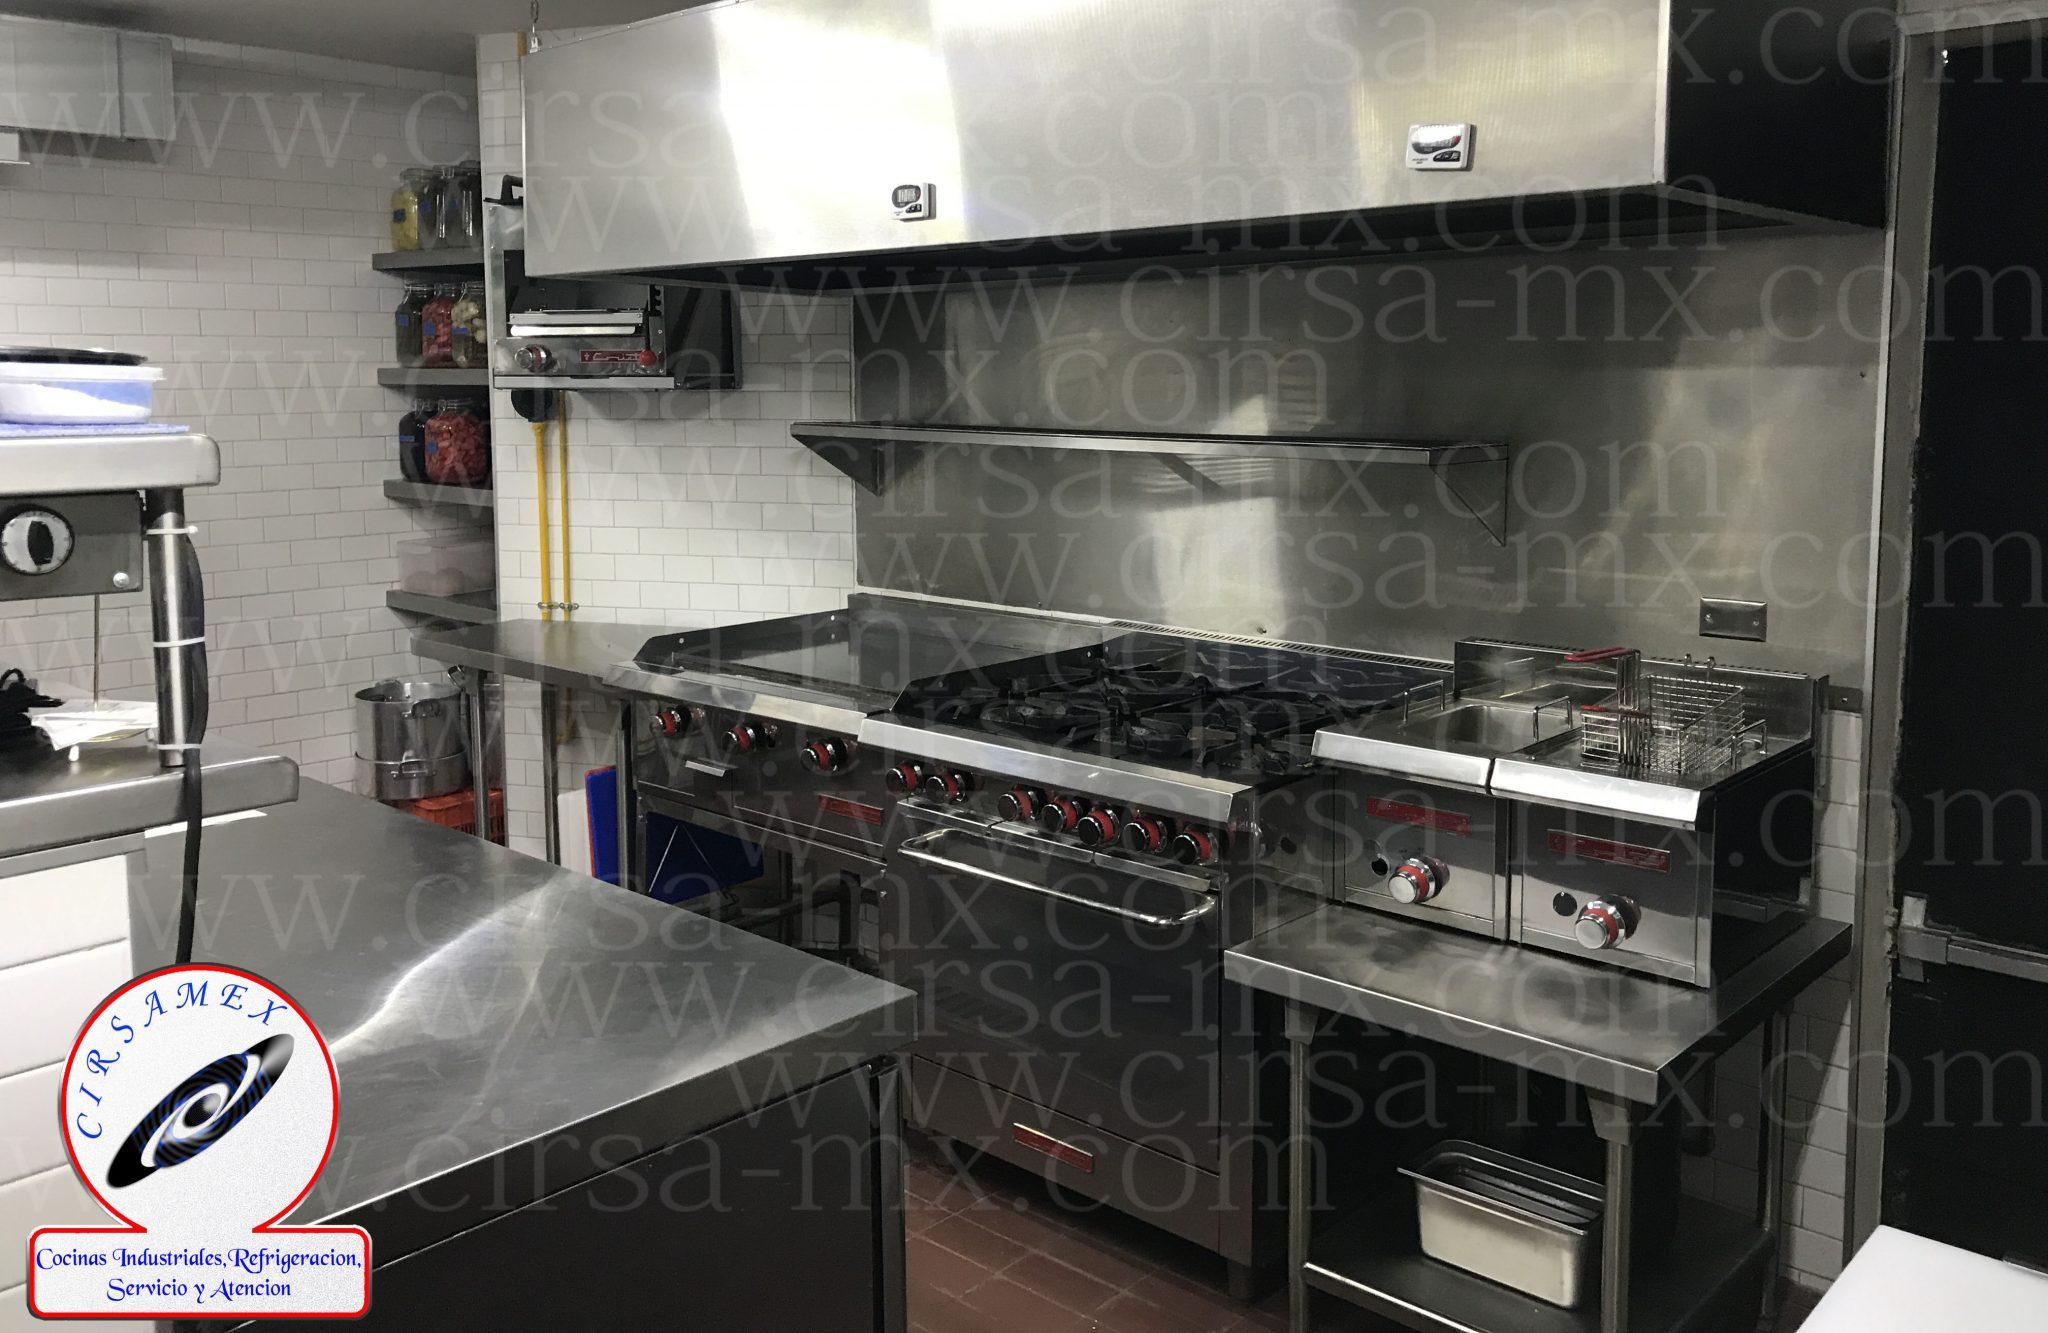 Cocinas industriales cirsamex sa de cv fabrica 2018 for Cocinas industriales siglo